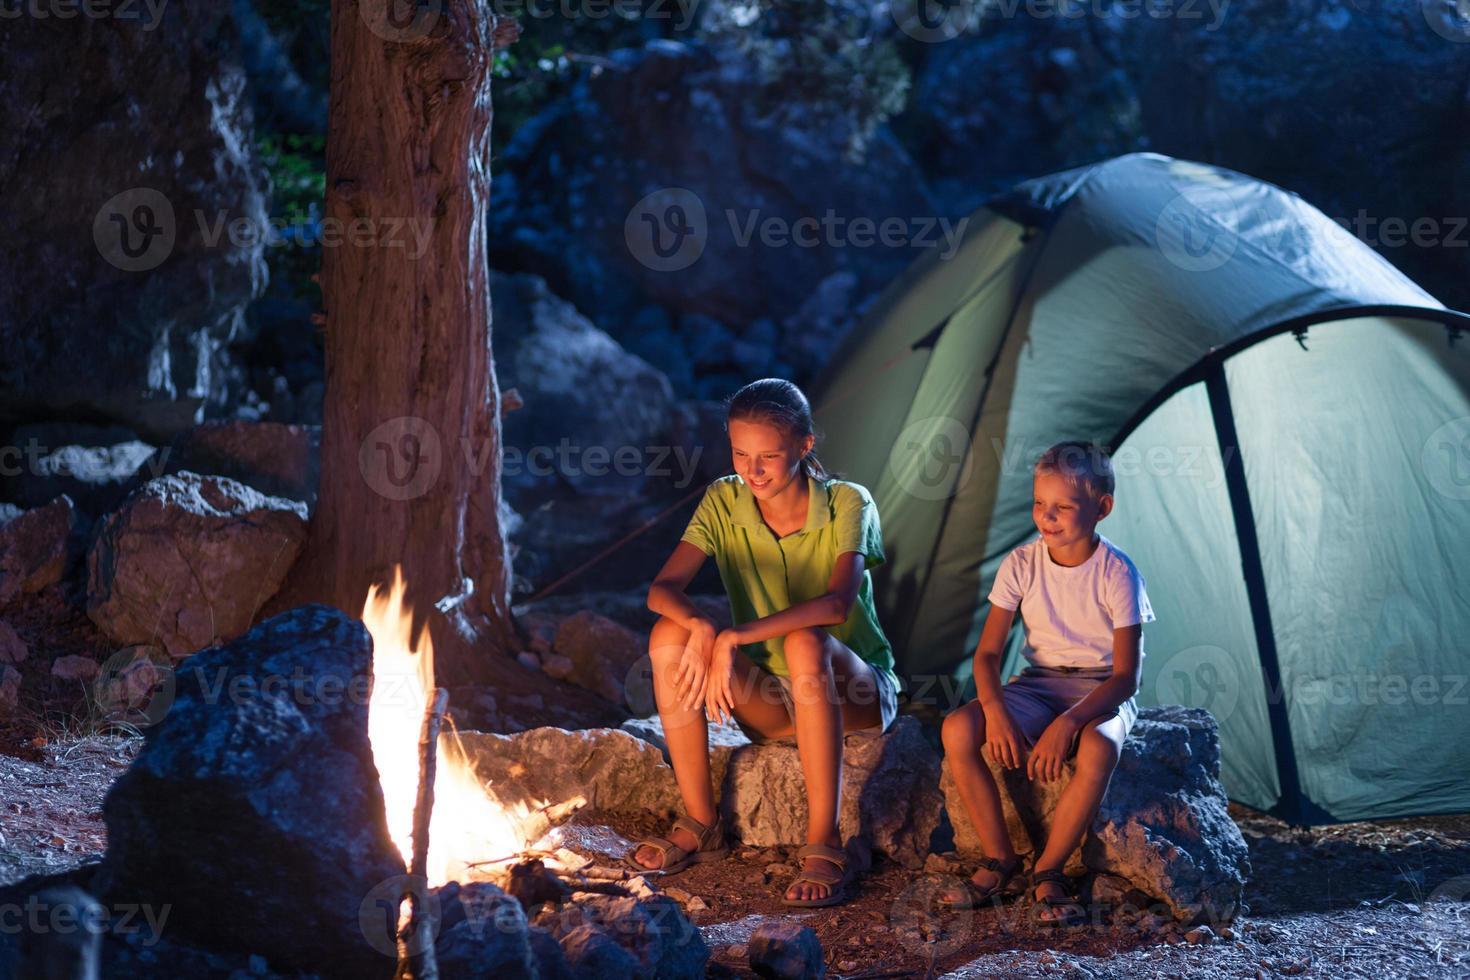 irmã com irmão na fogueira foto